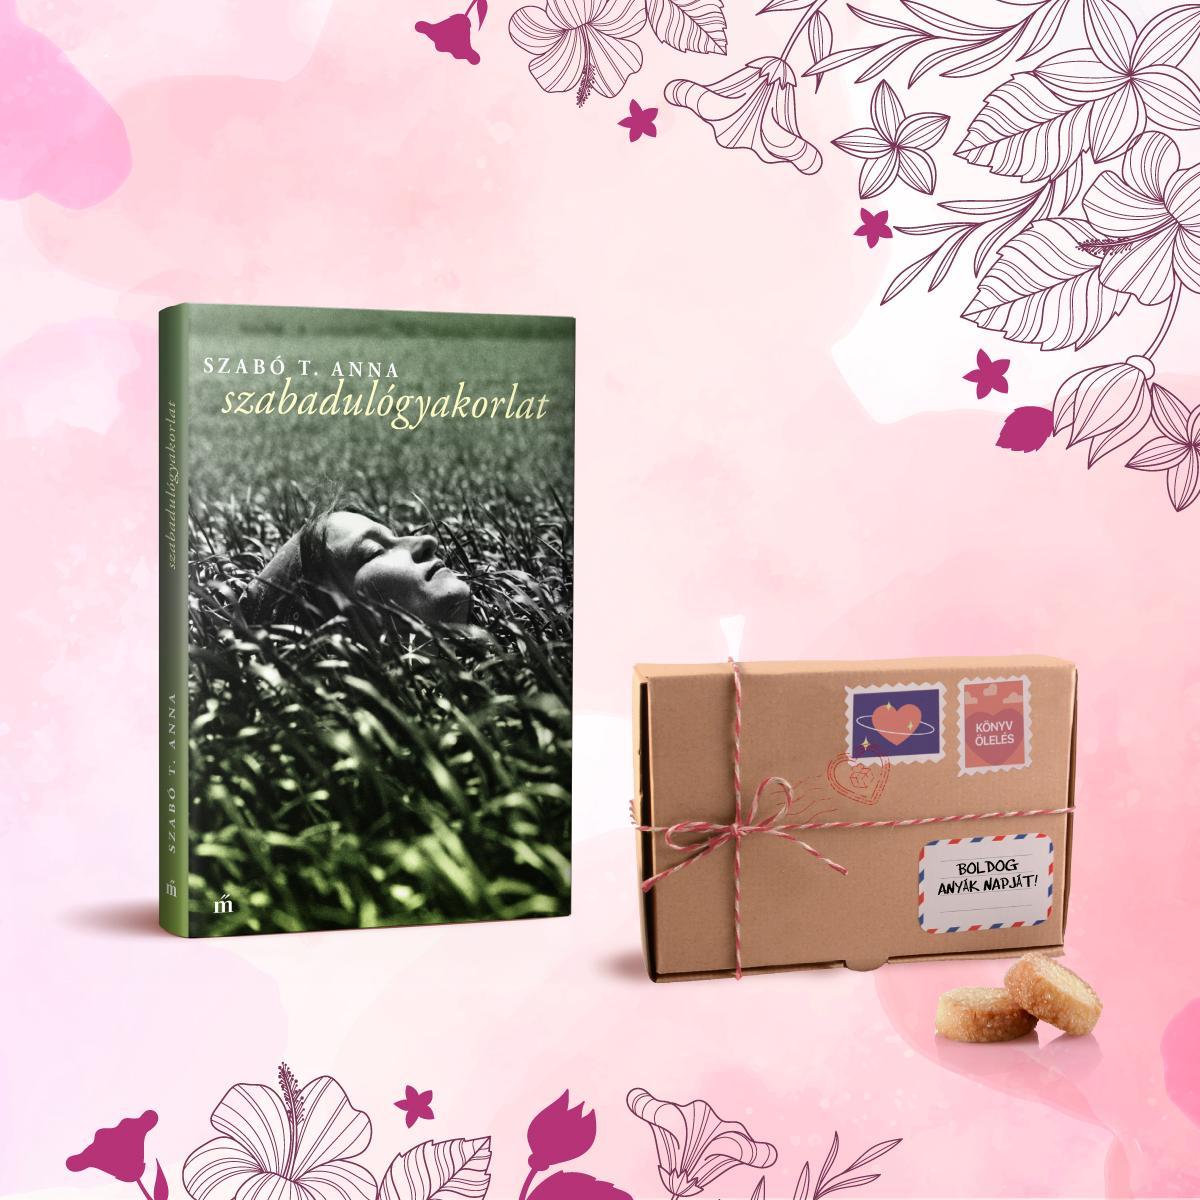 - Könyvölelés Anyák napjára - Szabadulógyakorlat + Les Cadeaux de Flore keksz